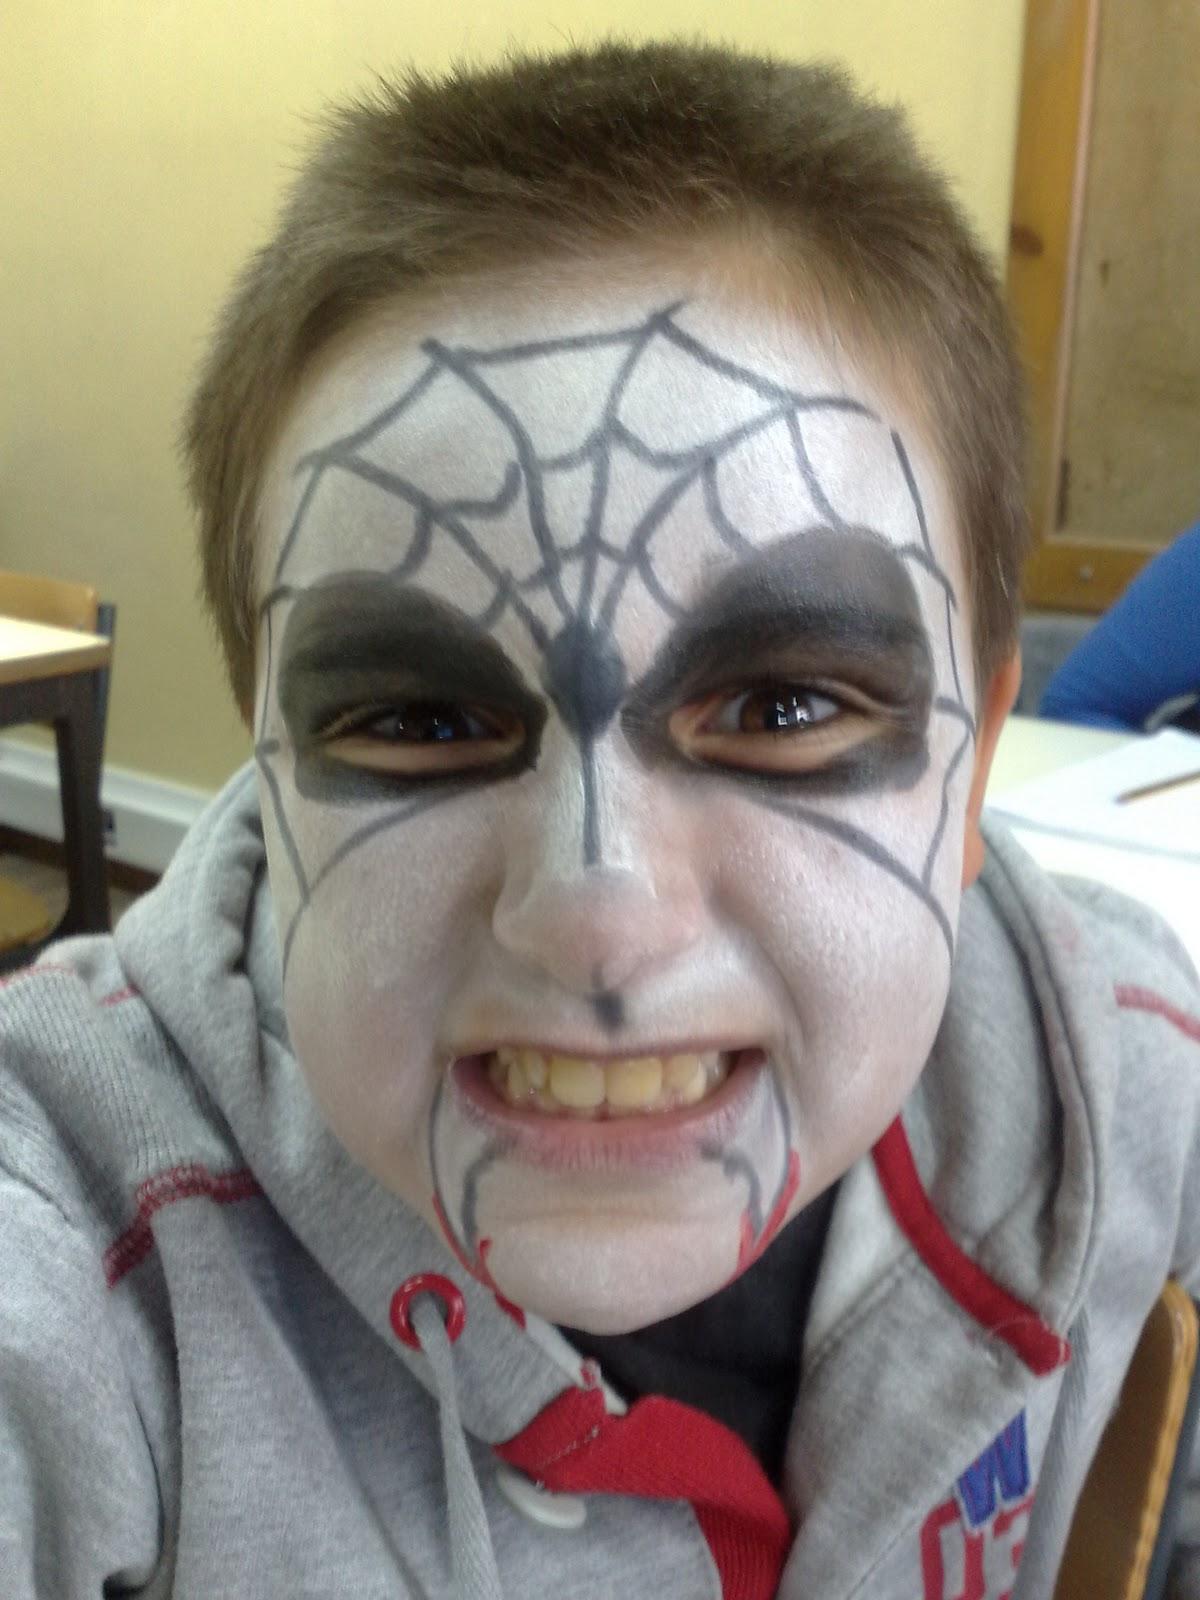 E v t 5 b aver o mar halloween pintura facial - Pinturas para halloween ...